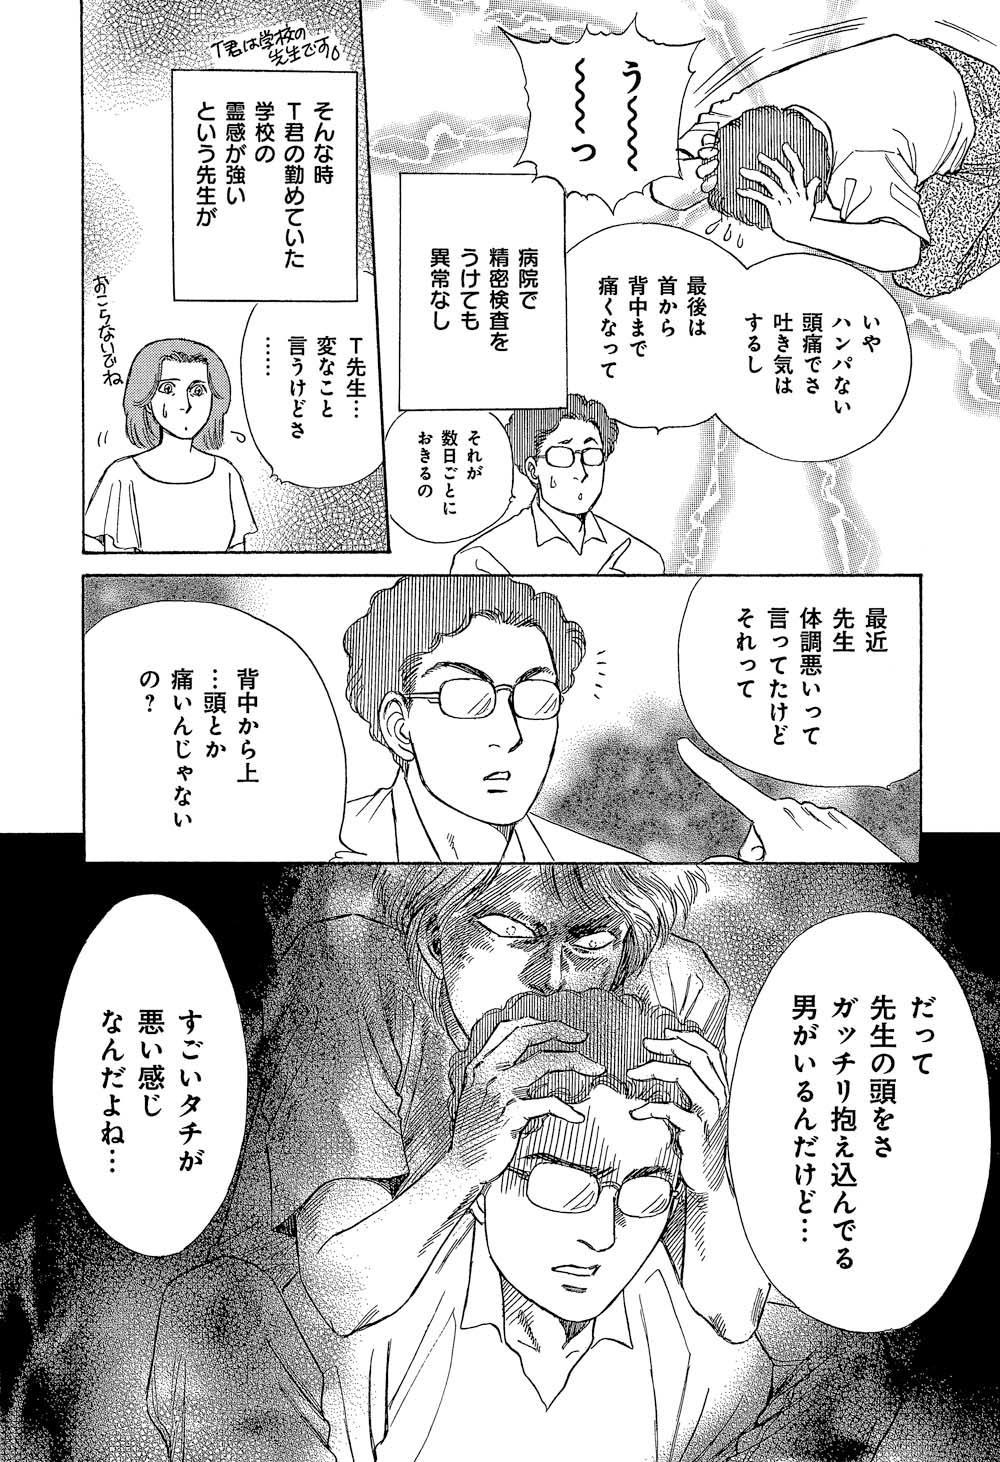 オカルト万華鏡01_085.jpg